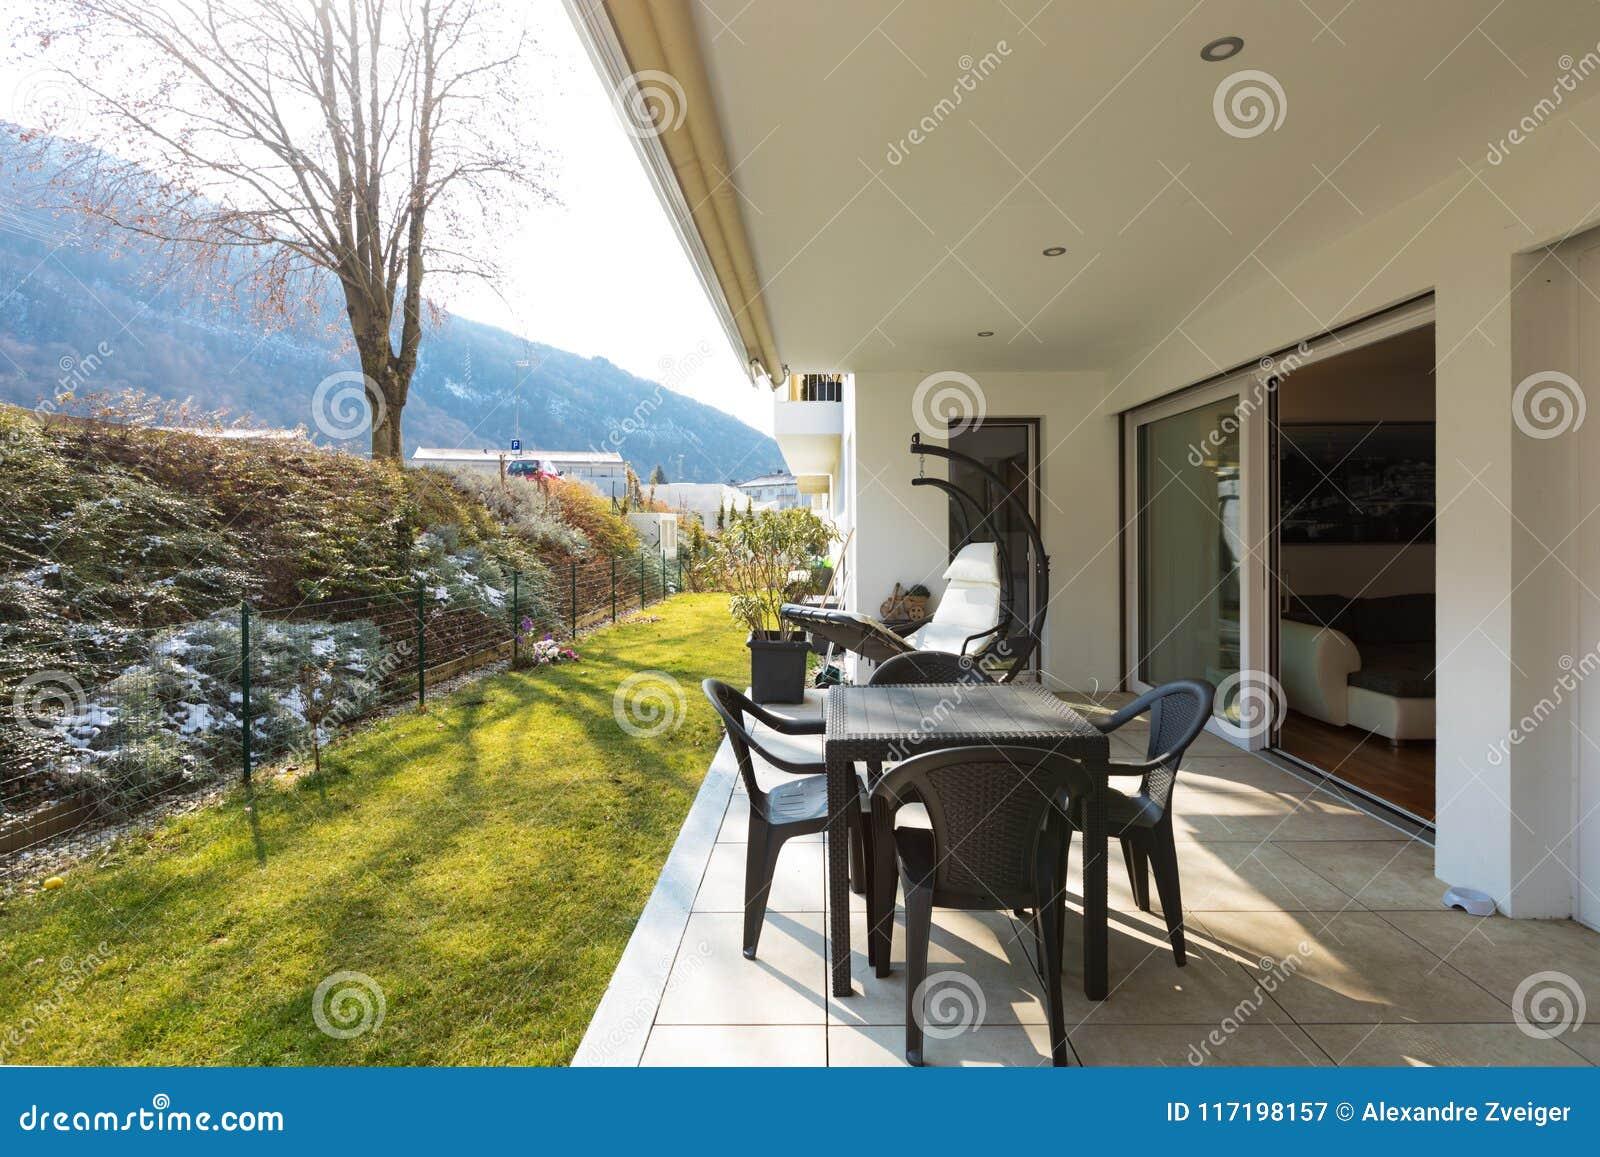 Véranda De Jardin Extérieur véranda avec le jardin et les meubles extérieurs image stock